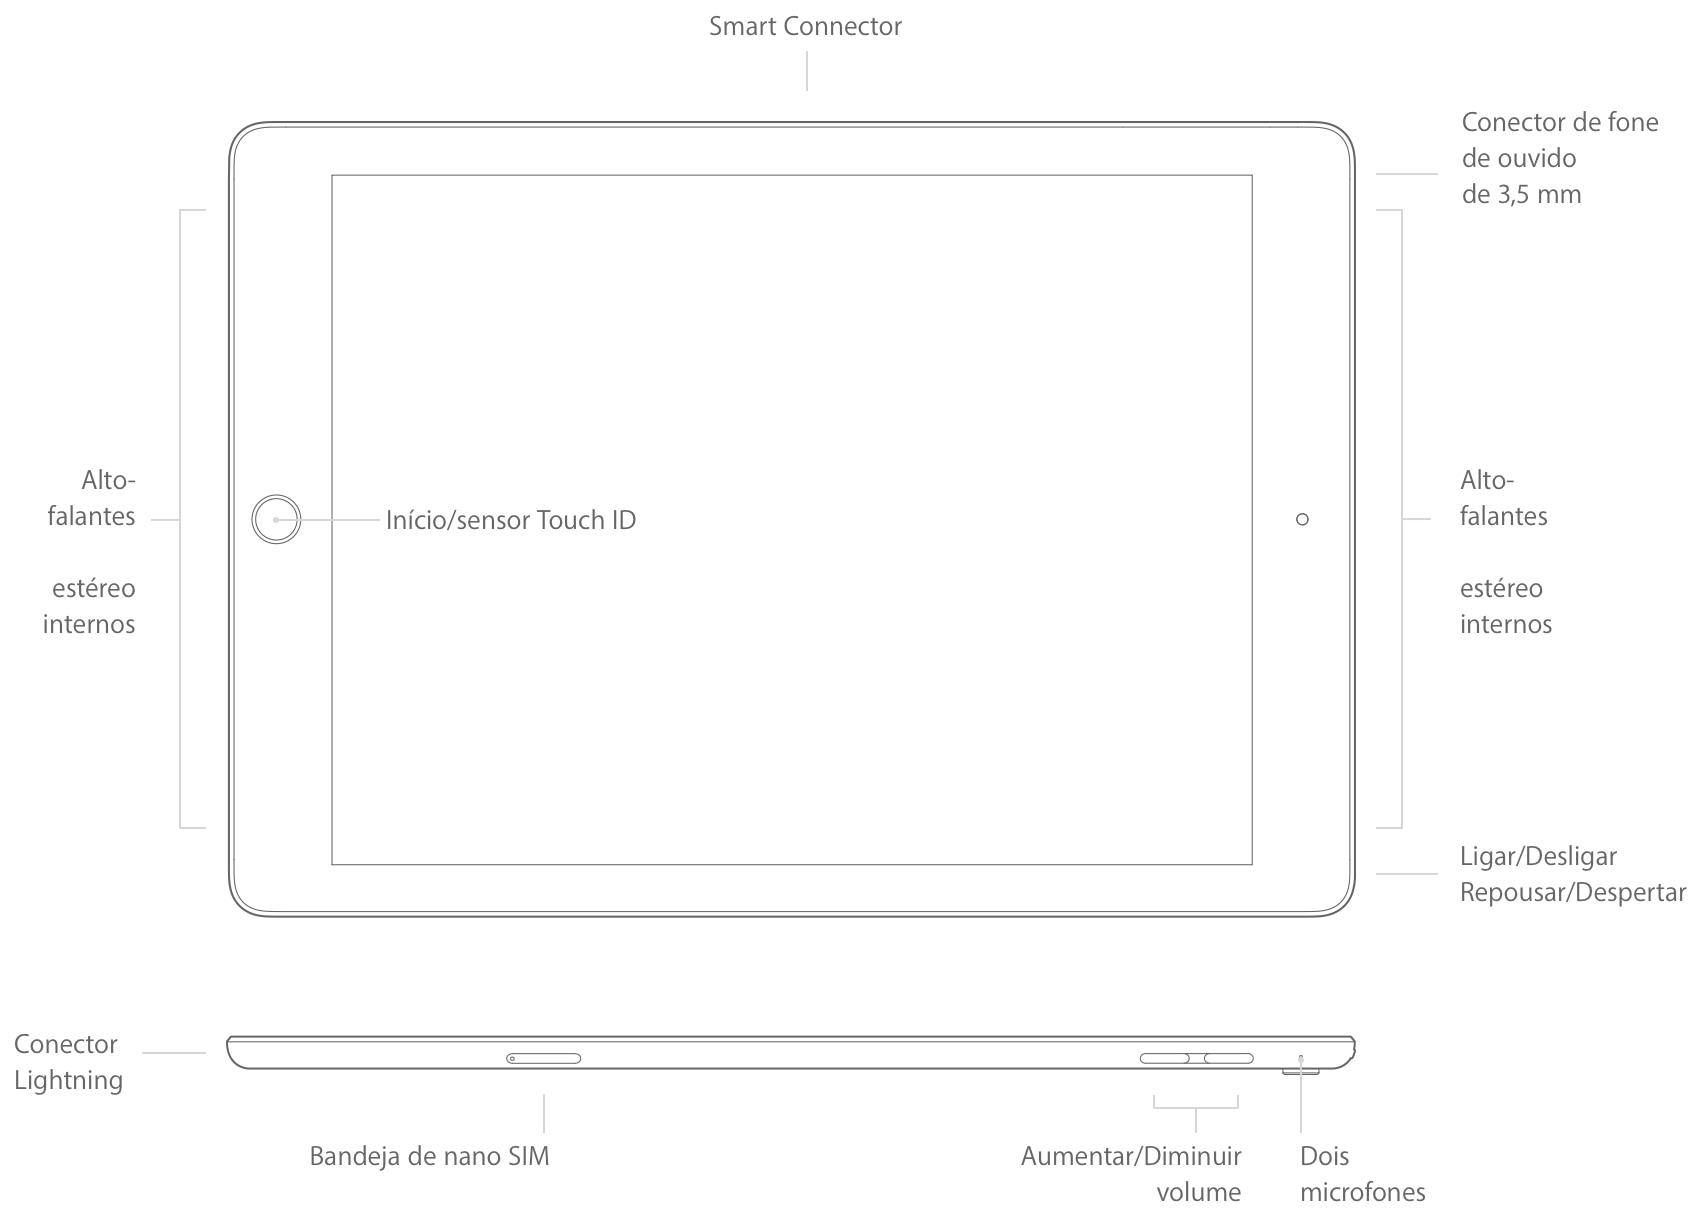 Botões e conectores do iPad Pro de 9,7 polegadas